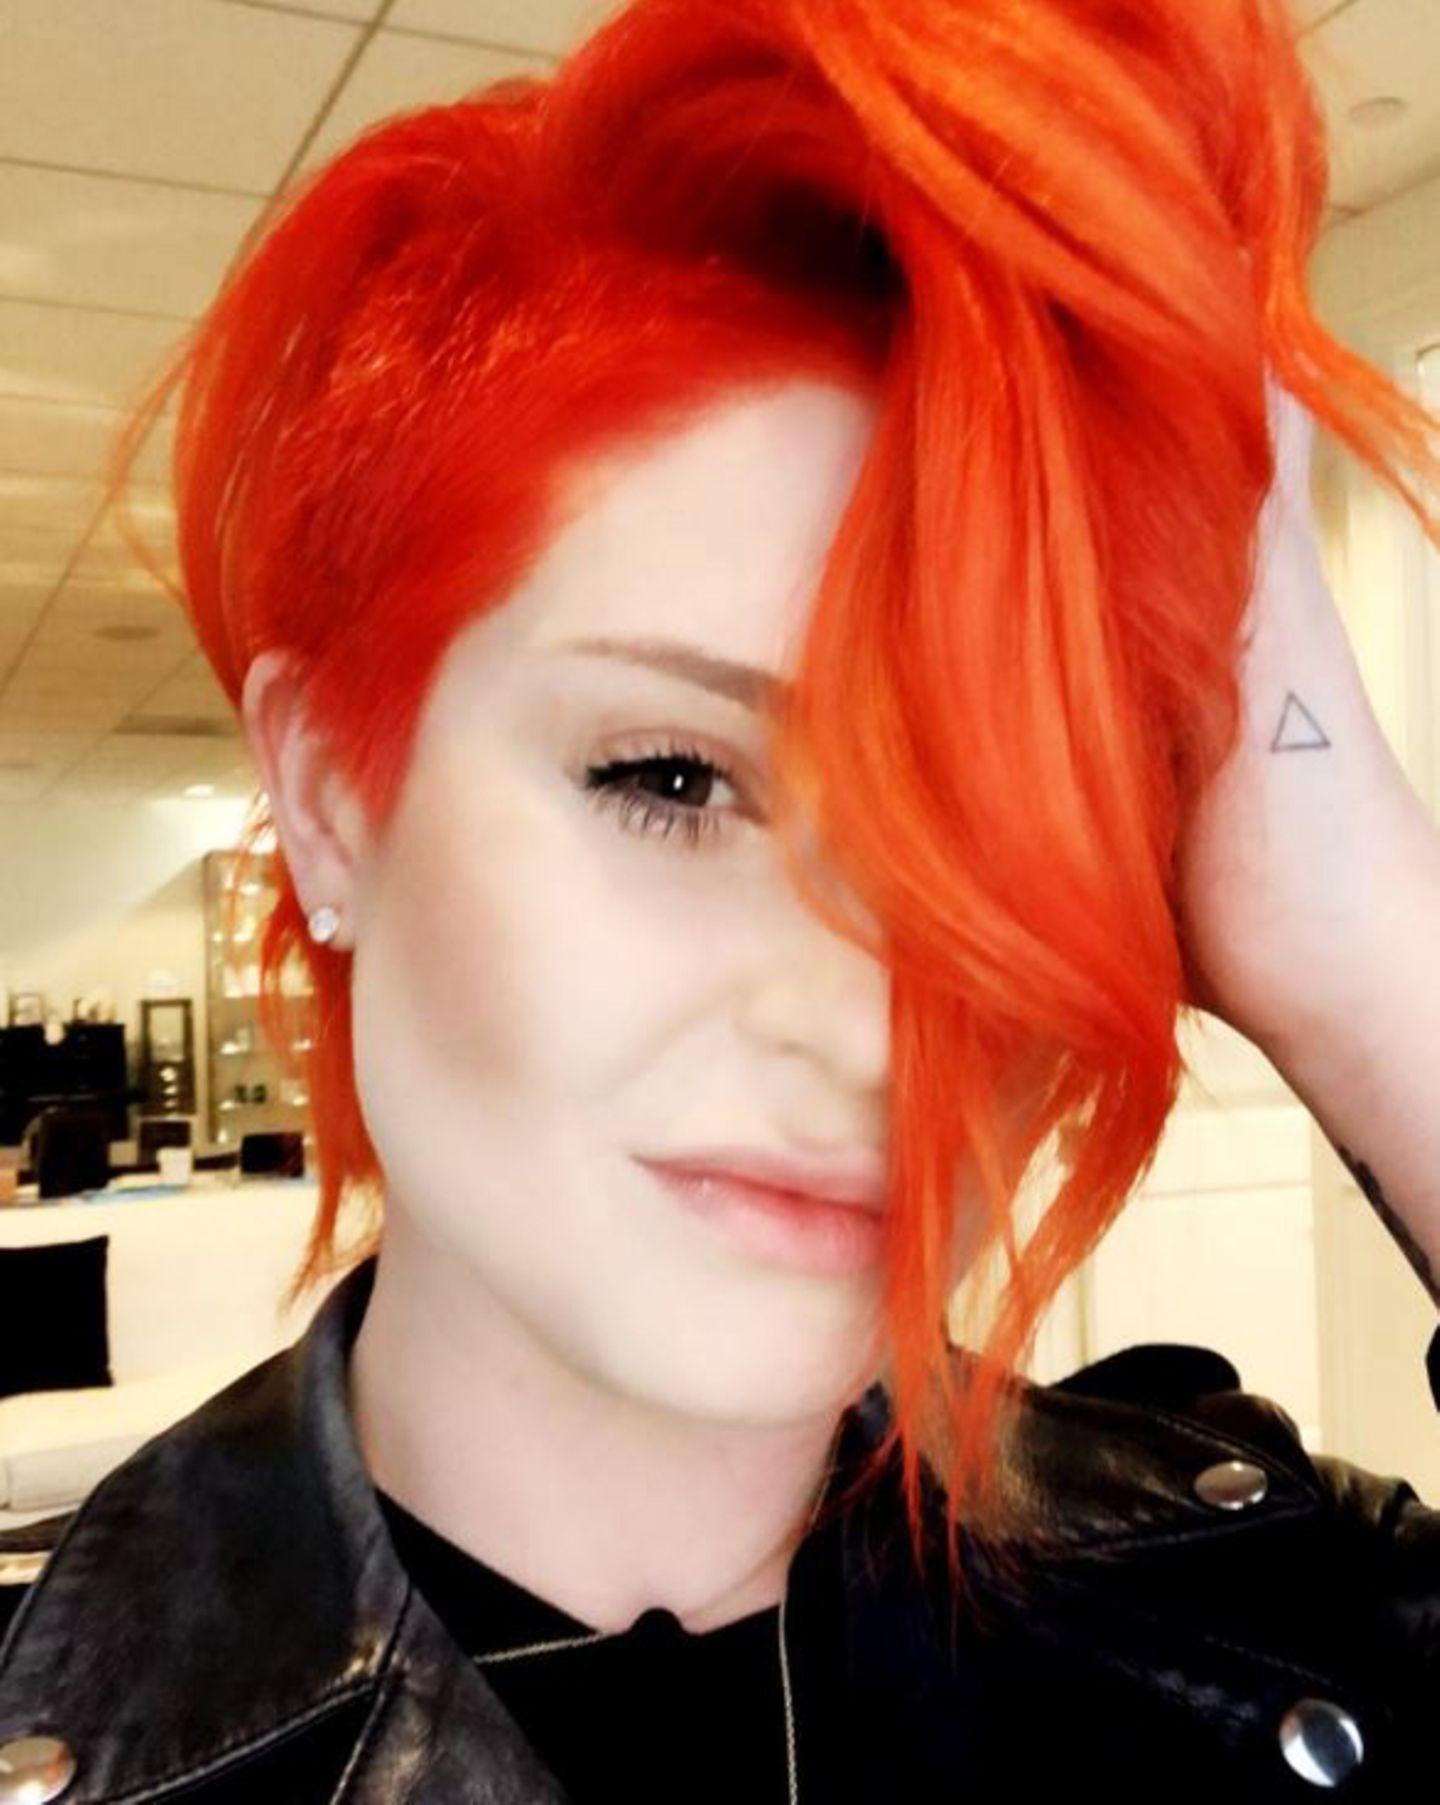 Dass Sängerin Kelly Osbourne experimentierfreudig ist, was ihre Haarfarbe angeht, ist nichts neues. Doch nun hat sie wirklich kräftig in den knalligen Farbtopf gegriffen